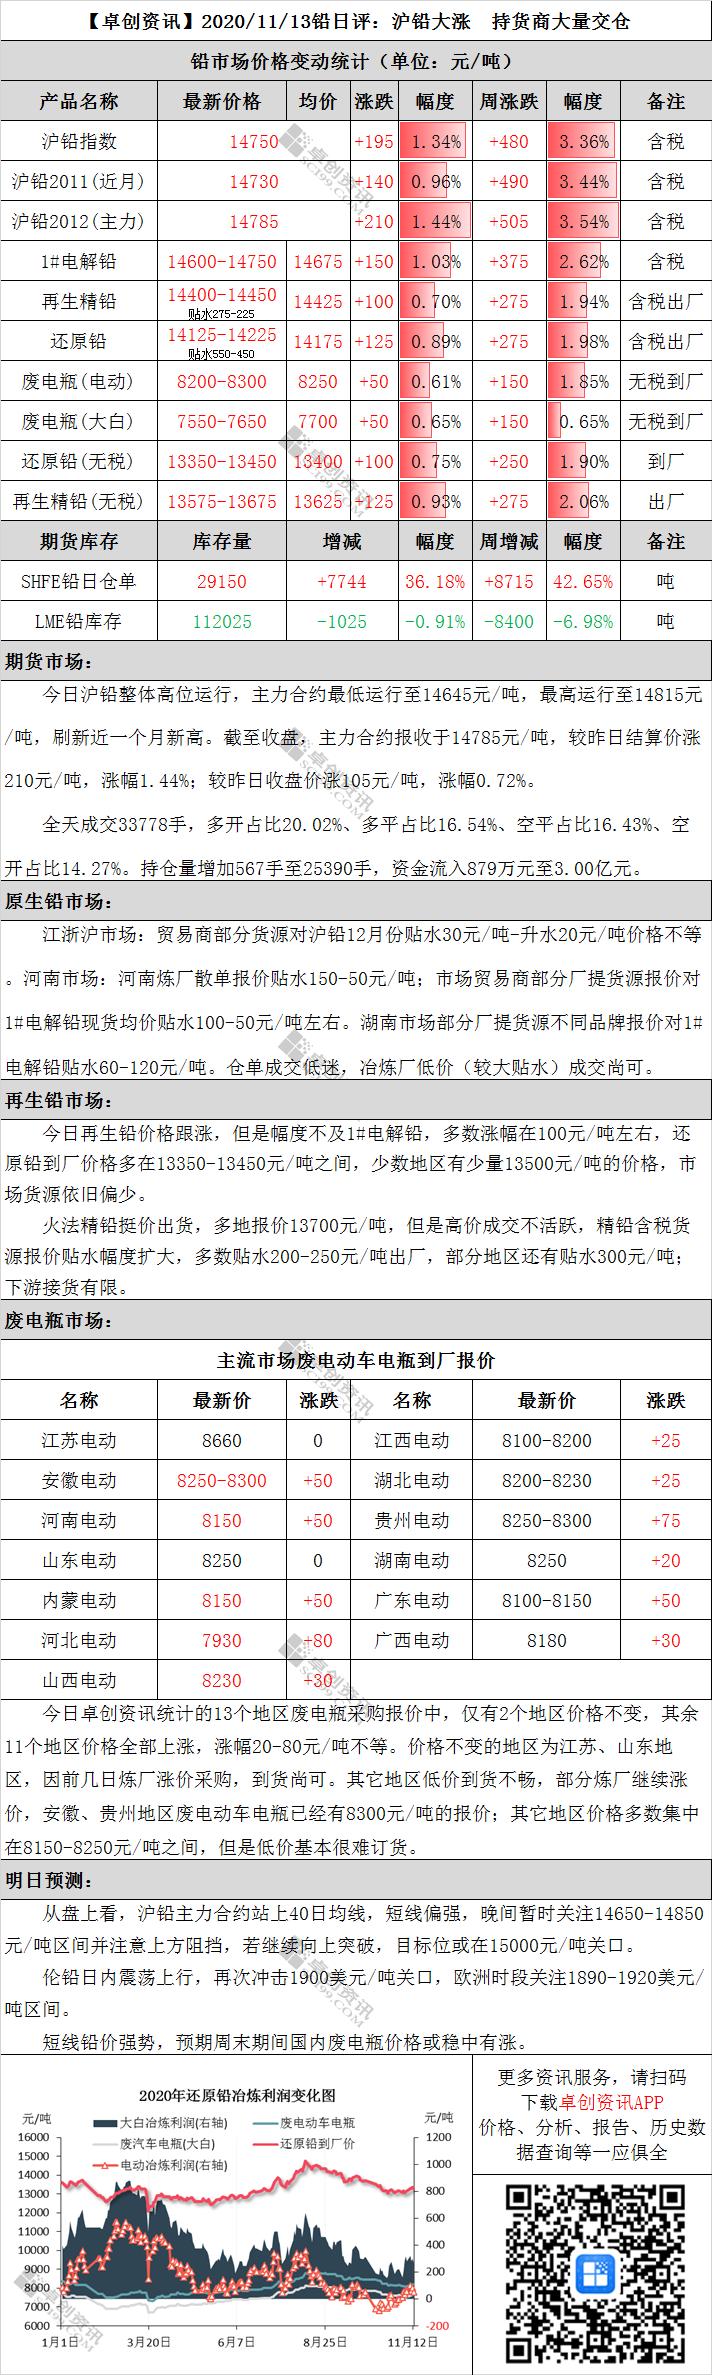 铅日评:沪铅大涨 持货商大量交仓